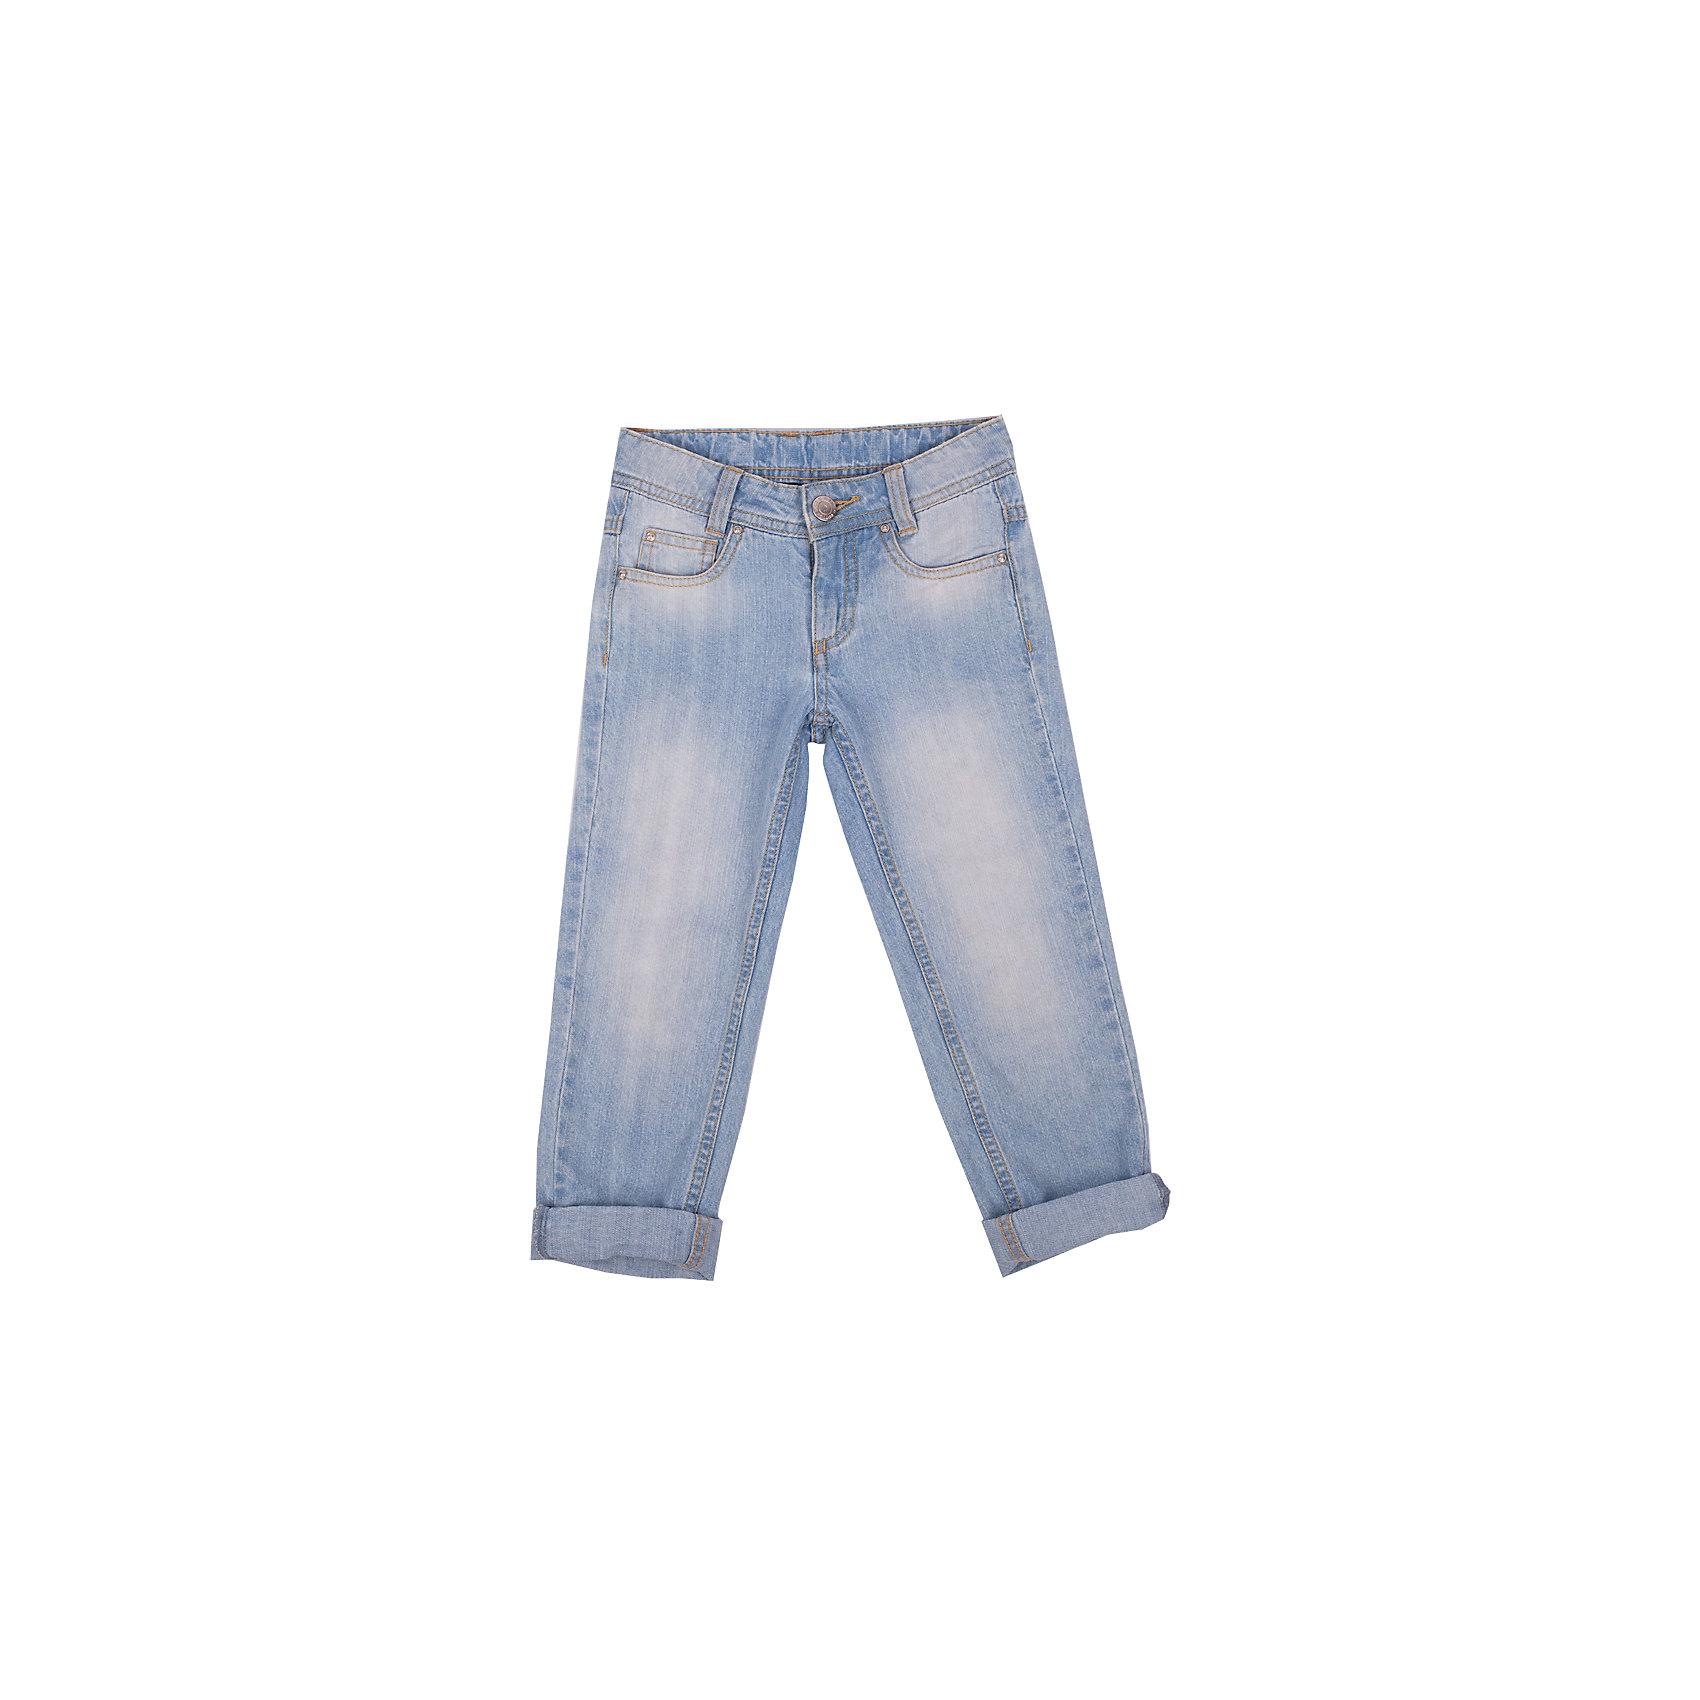 Джинсы для девочки Button BlueДжинсы<br>Классные голубые джинсы с потертостями и варкой — залог хорошего летнего настроения! Модный облегающий силуэт, удобная посадка на фигуре подарят девочке комфорт и свободу движений. Отличное качество и доступная цена прилагаются! Купить детские джинсы Button Blue, значит, купить классные летние джинсы недорого и быть в тренде!<br>Состав:<br>83% хлопок, 16% полиэстер, 1% эластан<br><br>Ширина мм: 215<br>Глубина мм: 88<br>Высота мм: 191<br>Вес г: 336<br>Цвет: голубой<br>Возраст от месяцев: 48<br>Возраст до месяцев: 60<br>Пол: Женский<br>Возраст: Детский<br>Размер: 110,146,128,98,122,152,116,140,104,158,134<br>SKU: 4510696